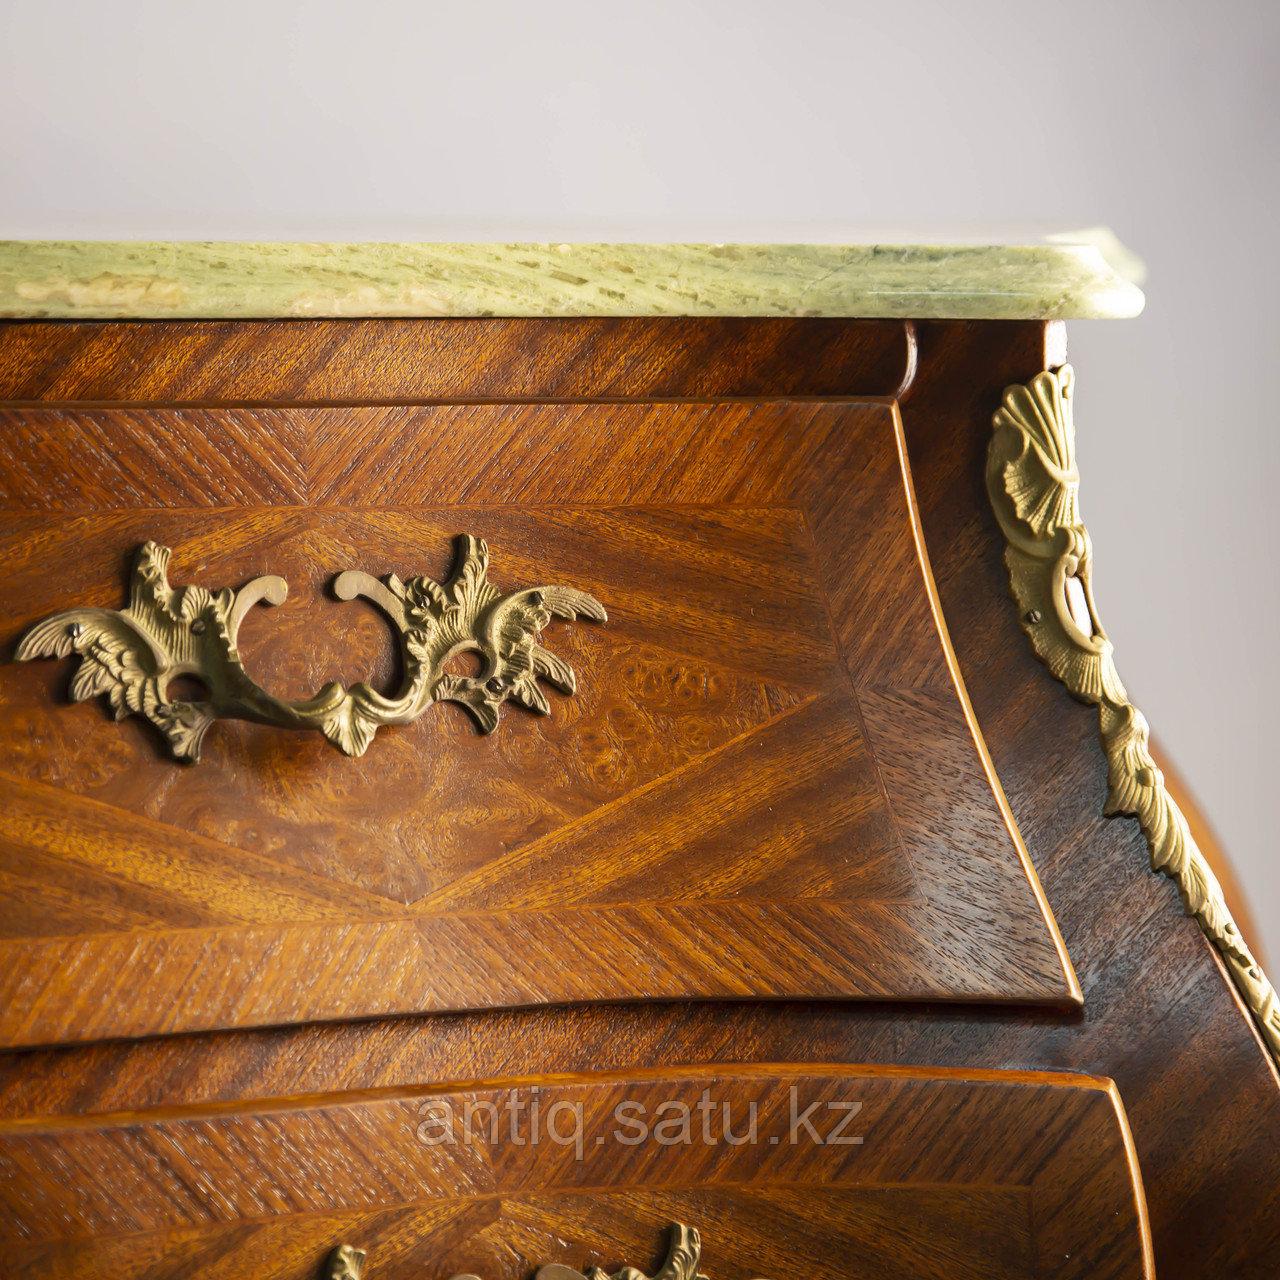 Старинный комод из Франции, I-й половины середины ХХ века с богатым декором из бронзы. - фото 7